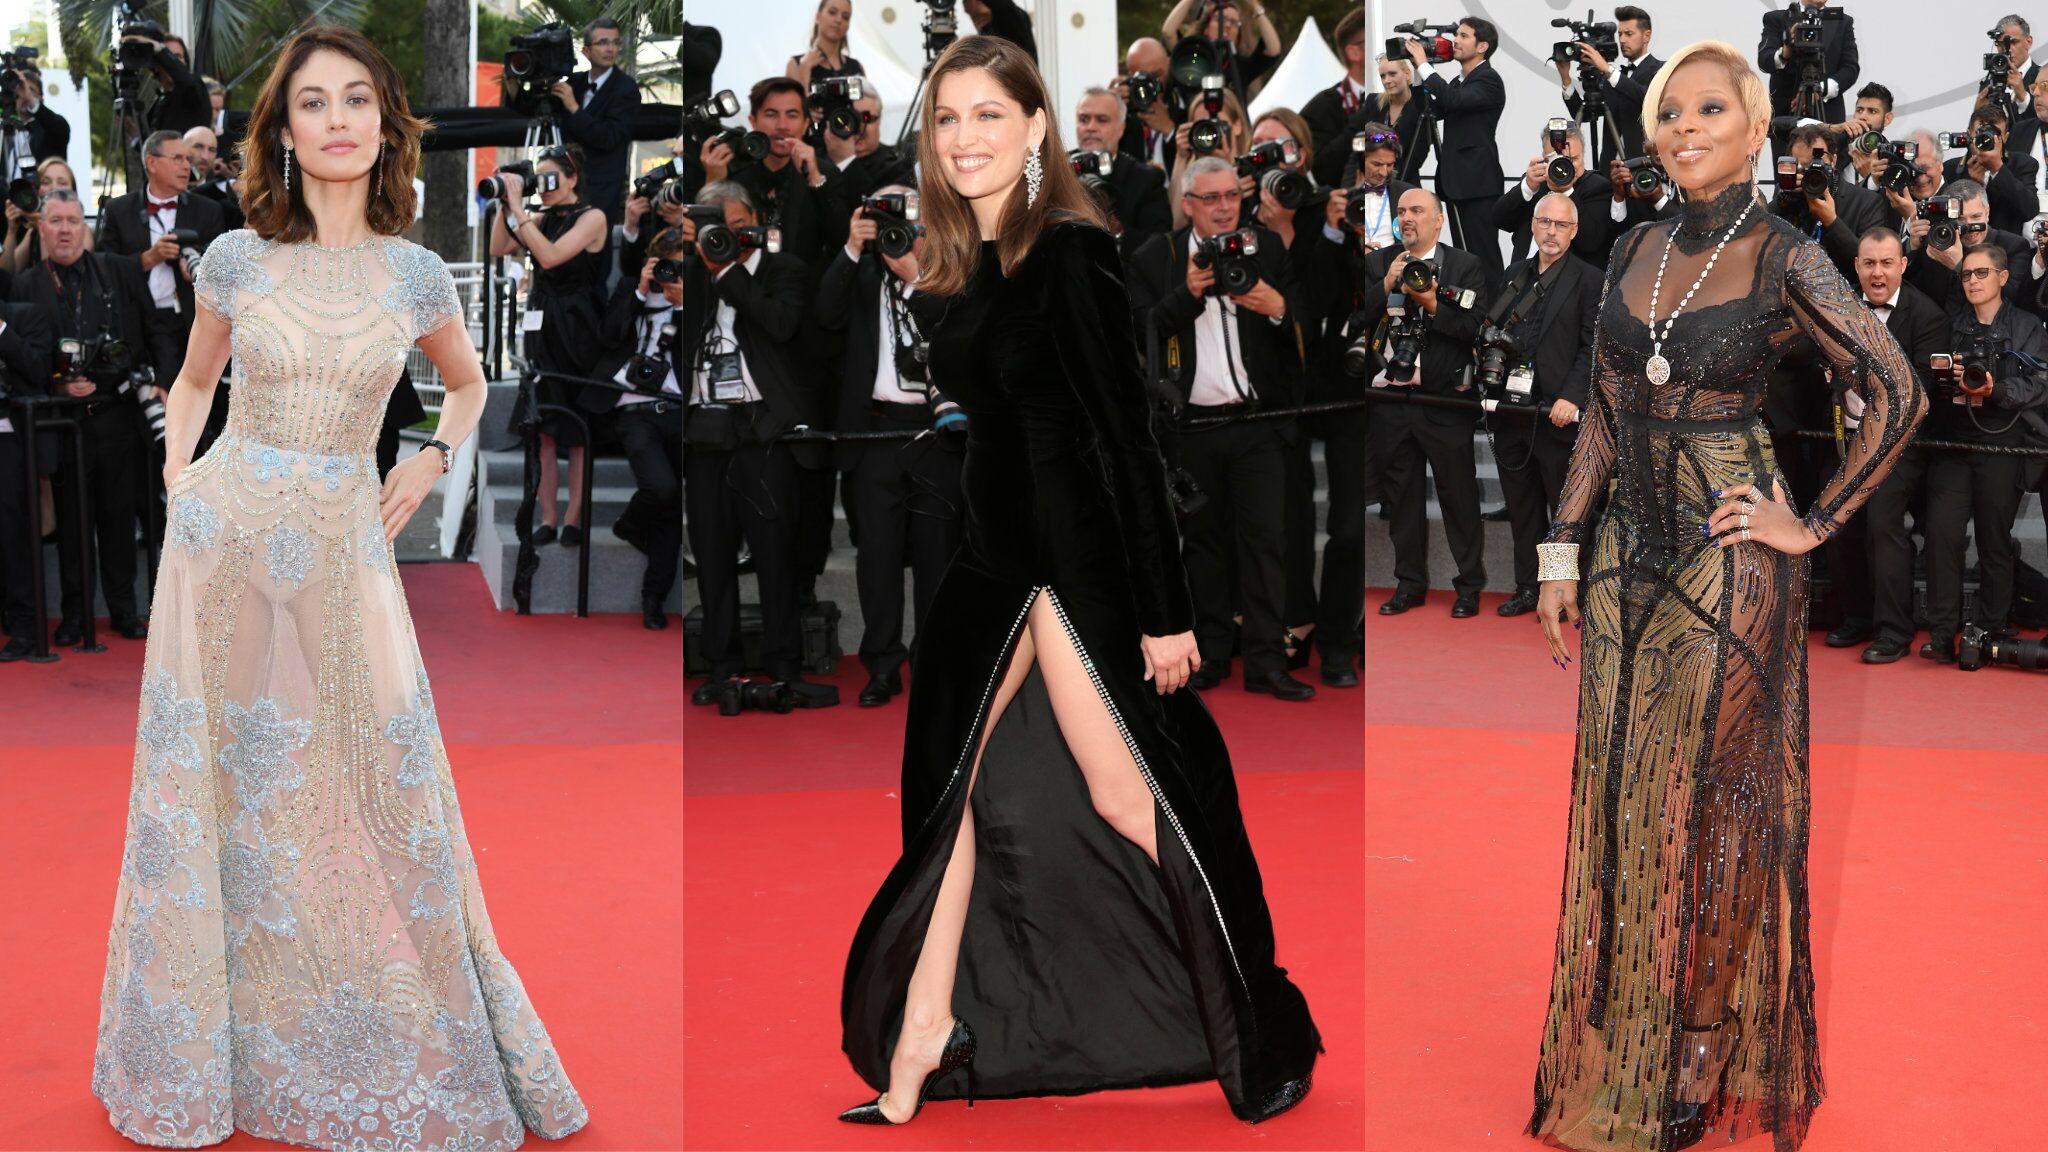 PHOTOS Cannes 2017 : Laetitia Casta manque de montrer sa culotte, Olga Kurylenko dévoile la sienne